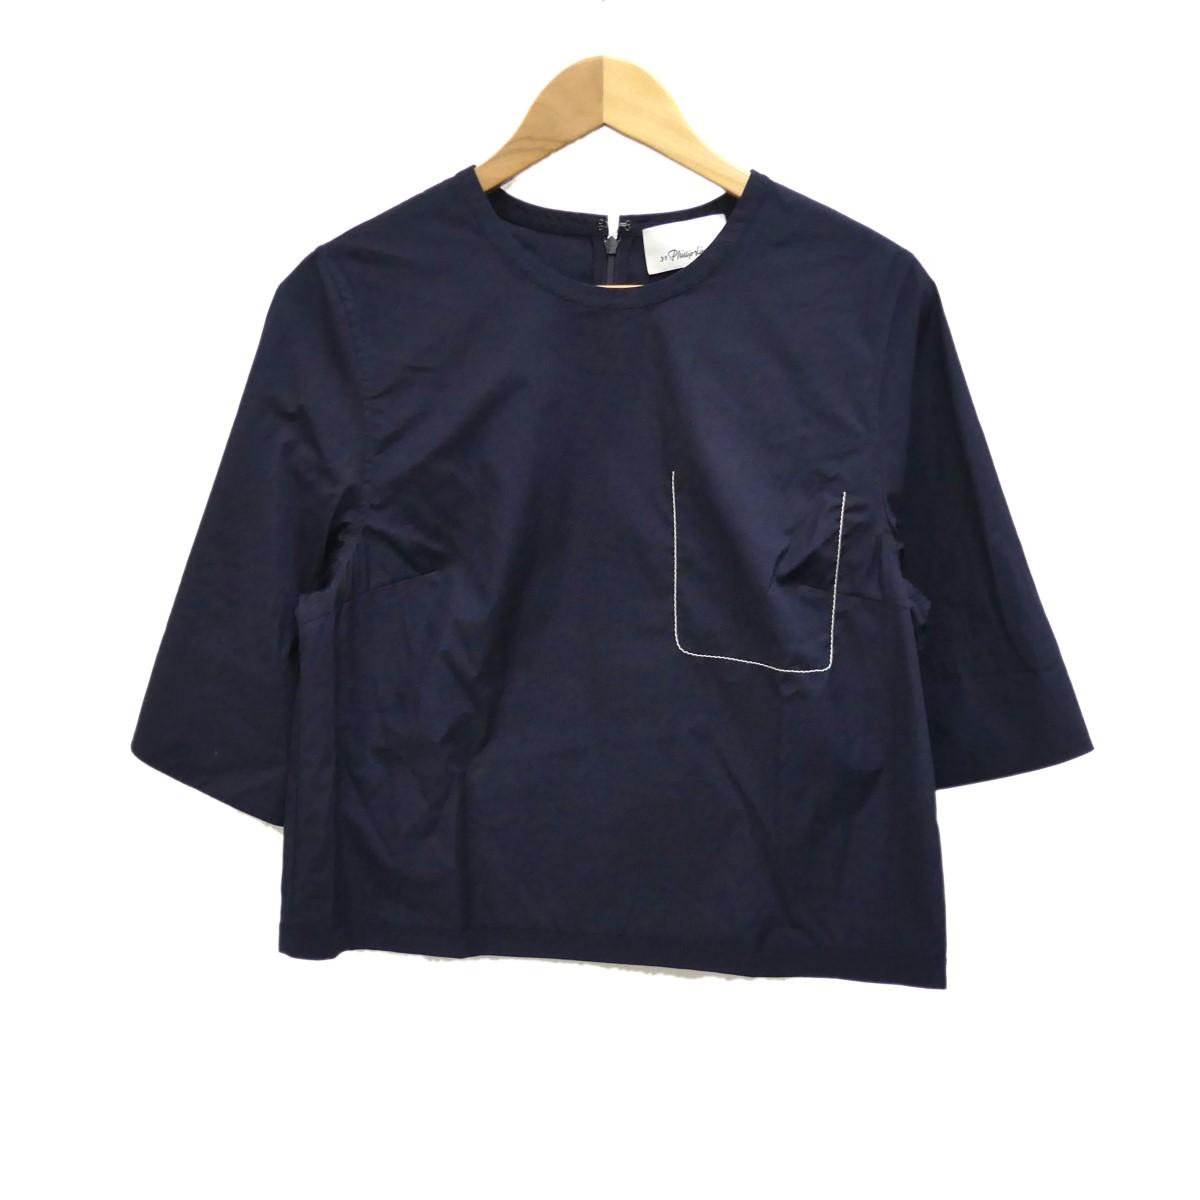 【中古】3.1 phillip lim 半袖プルオーバーシャツ ネイビー サイズ:0 【050420】(スリーワンフィリップリム)